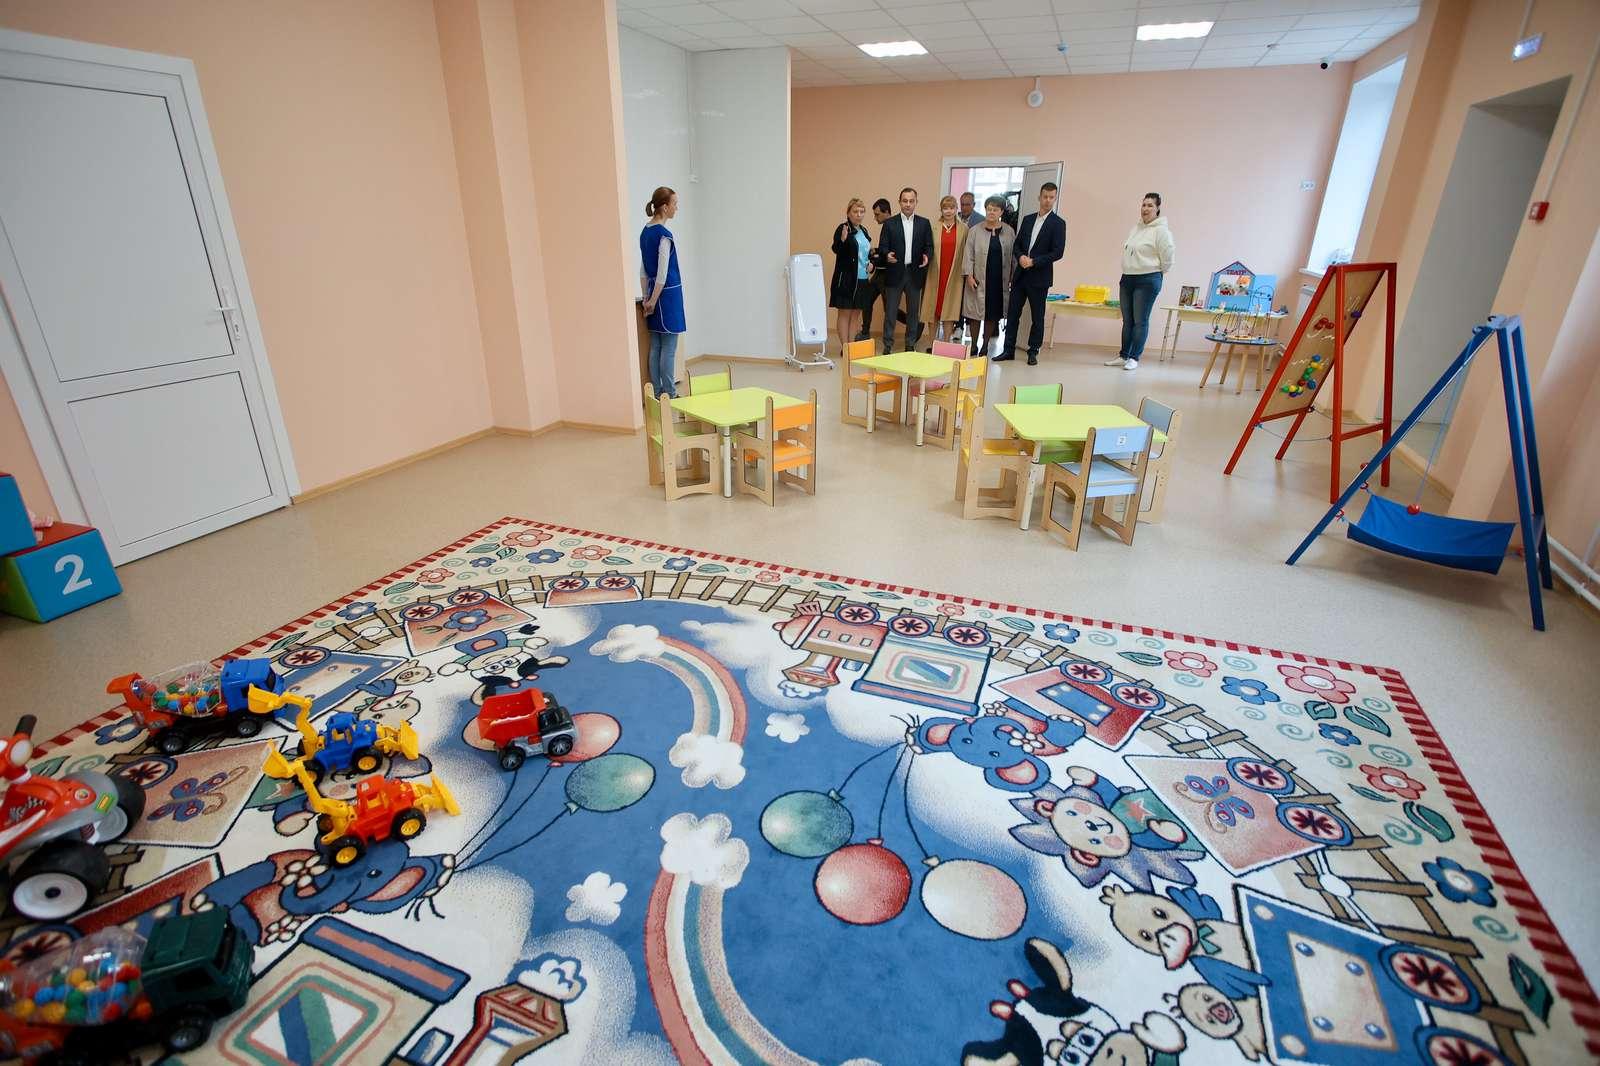 Новый детский сад откроют в микрорайоне Железнодорожный в Балашихе 1 сентября   Изображение 1